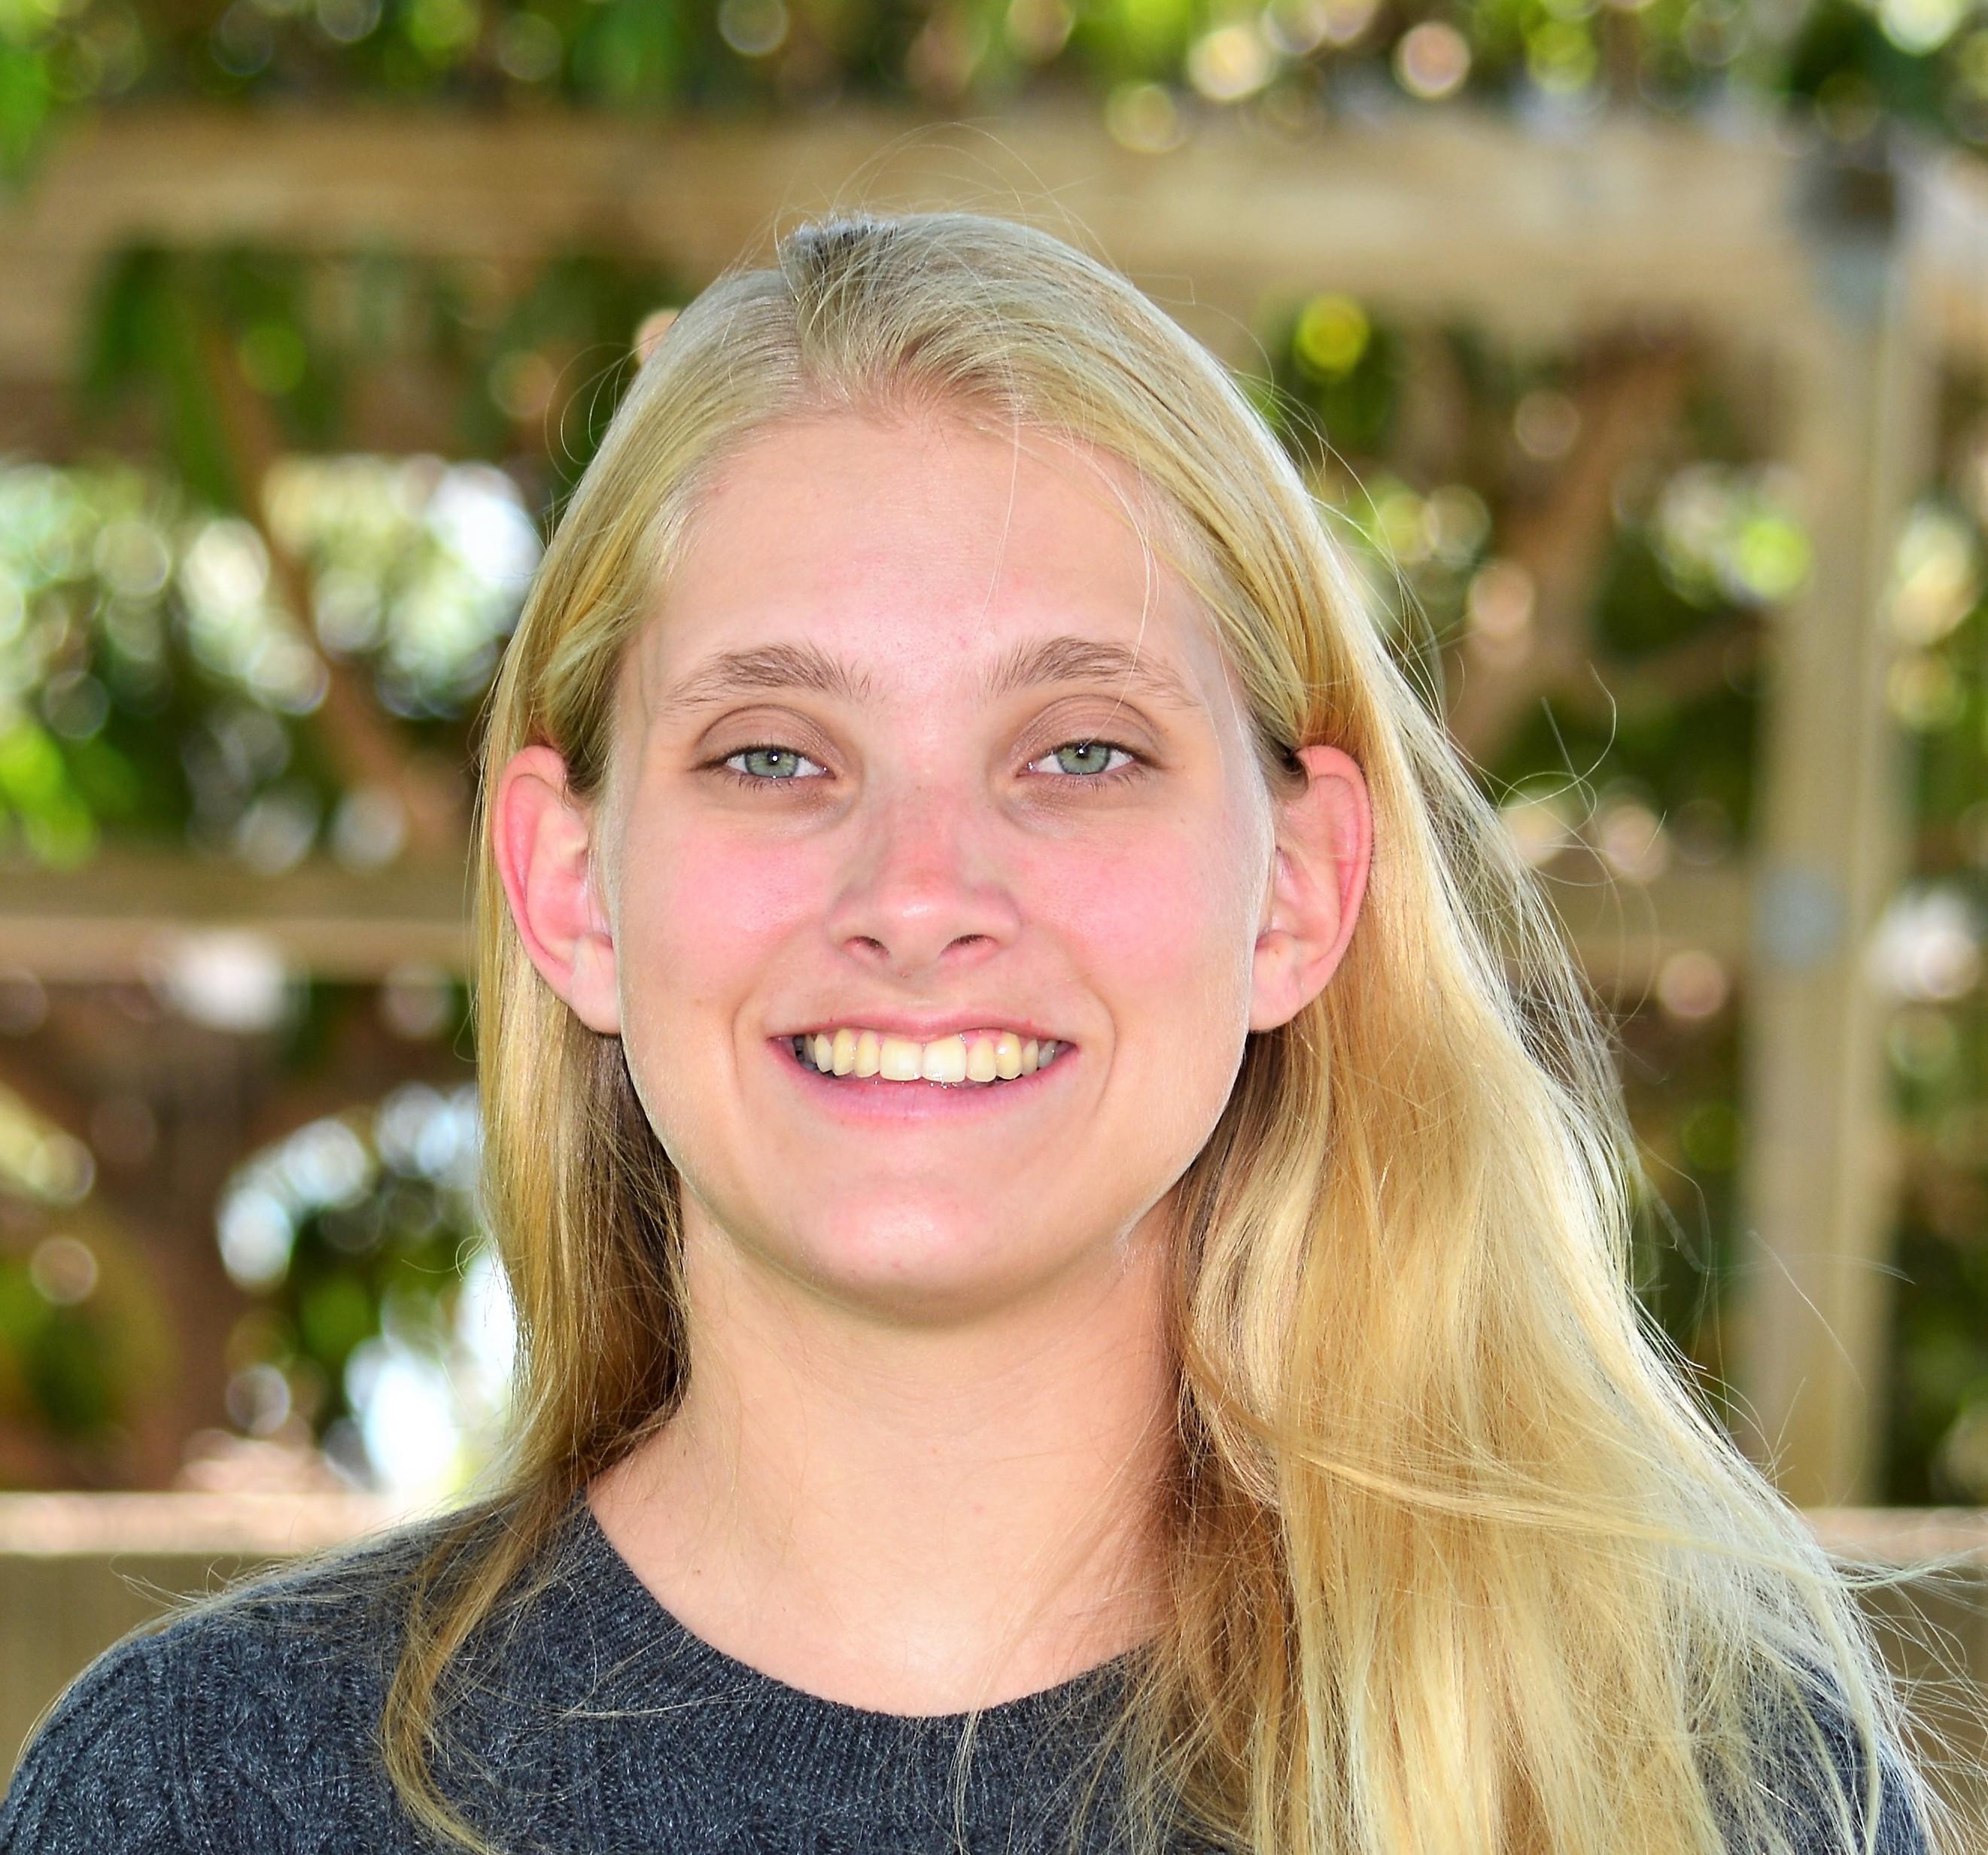 Angelique Rosenqvist